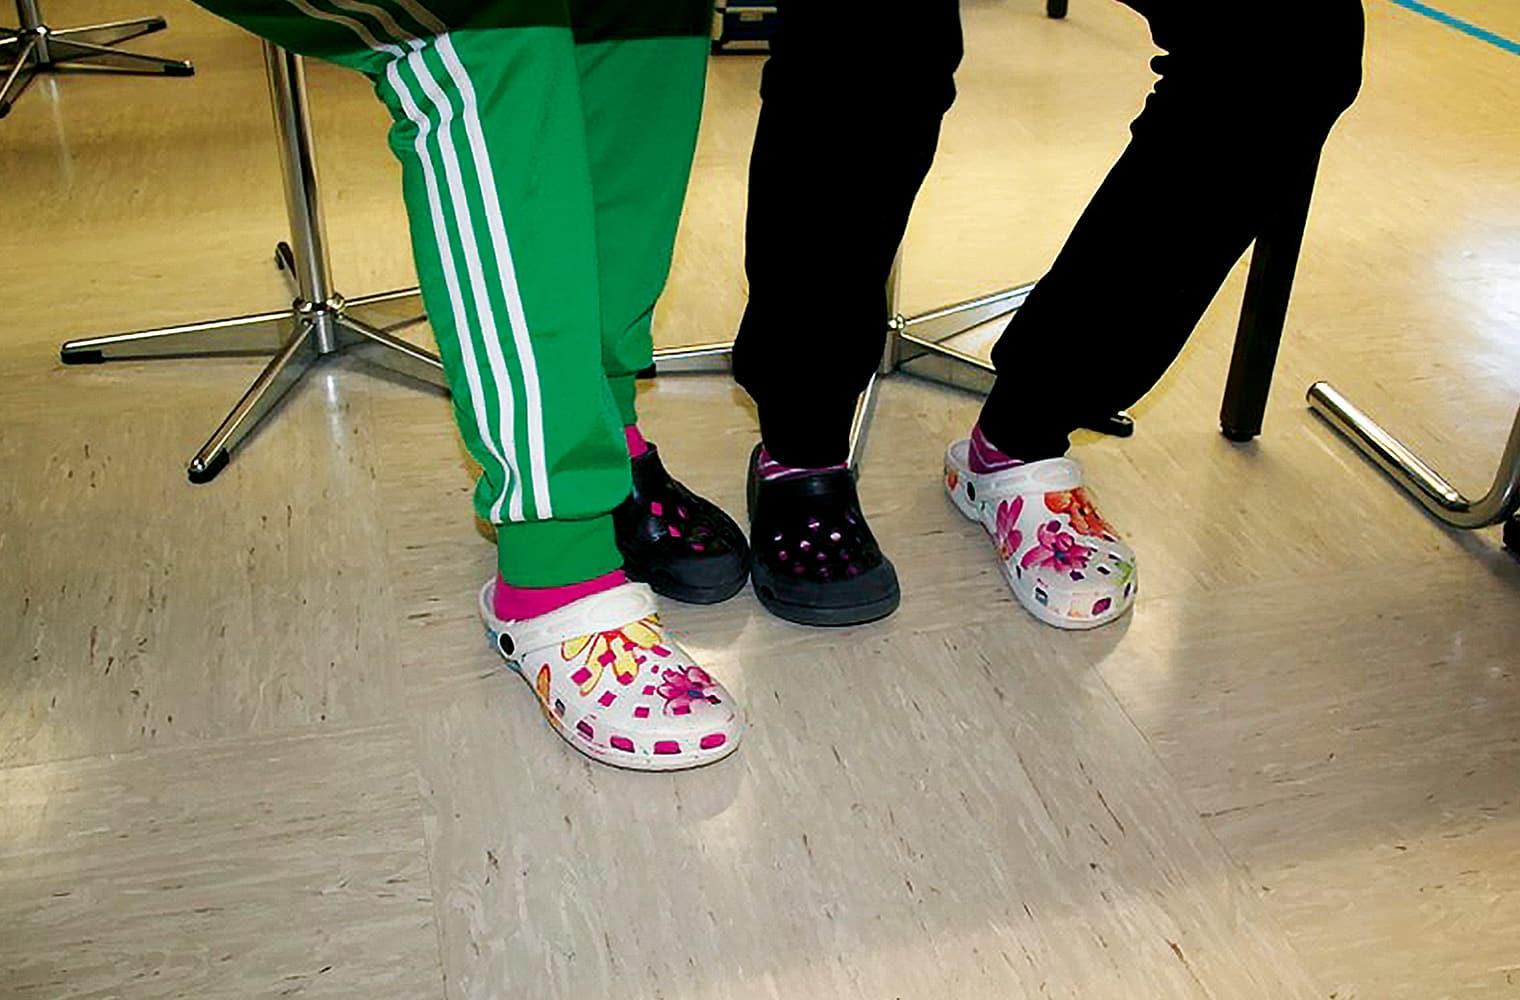 2 Schüler haben das Schuhwerk getauscht, sodass jeder zwei verschiedene Sandalen anhat.